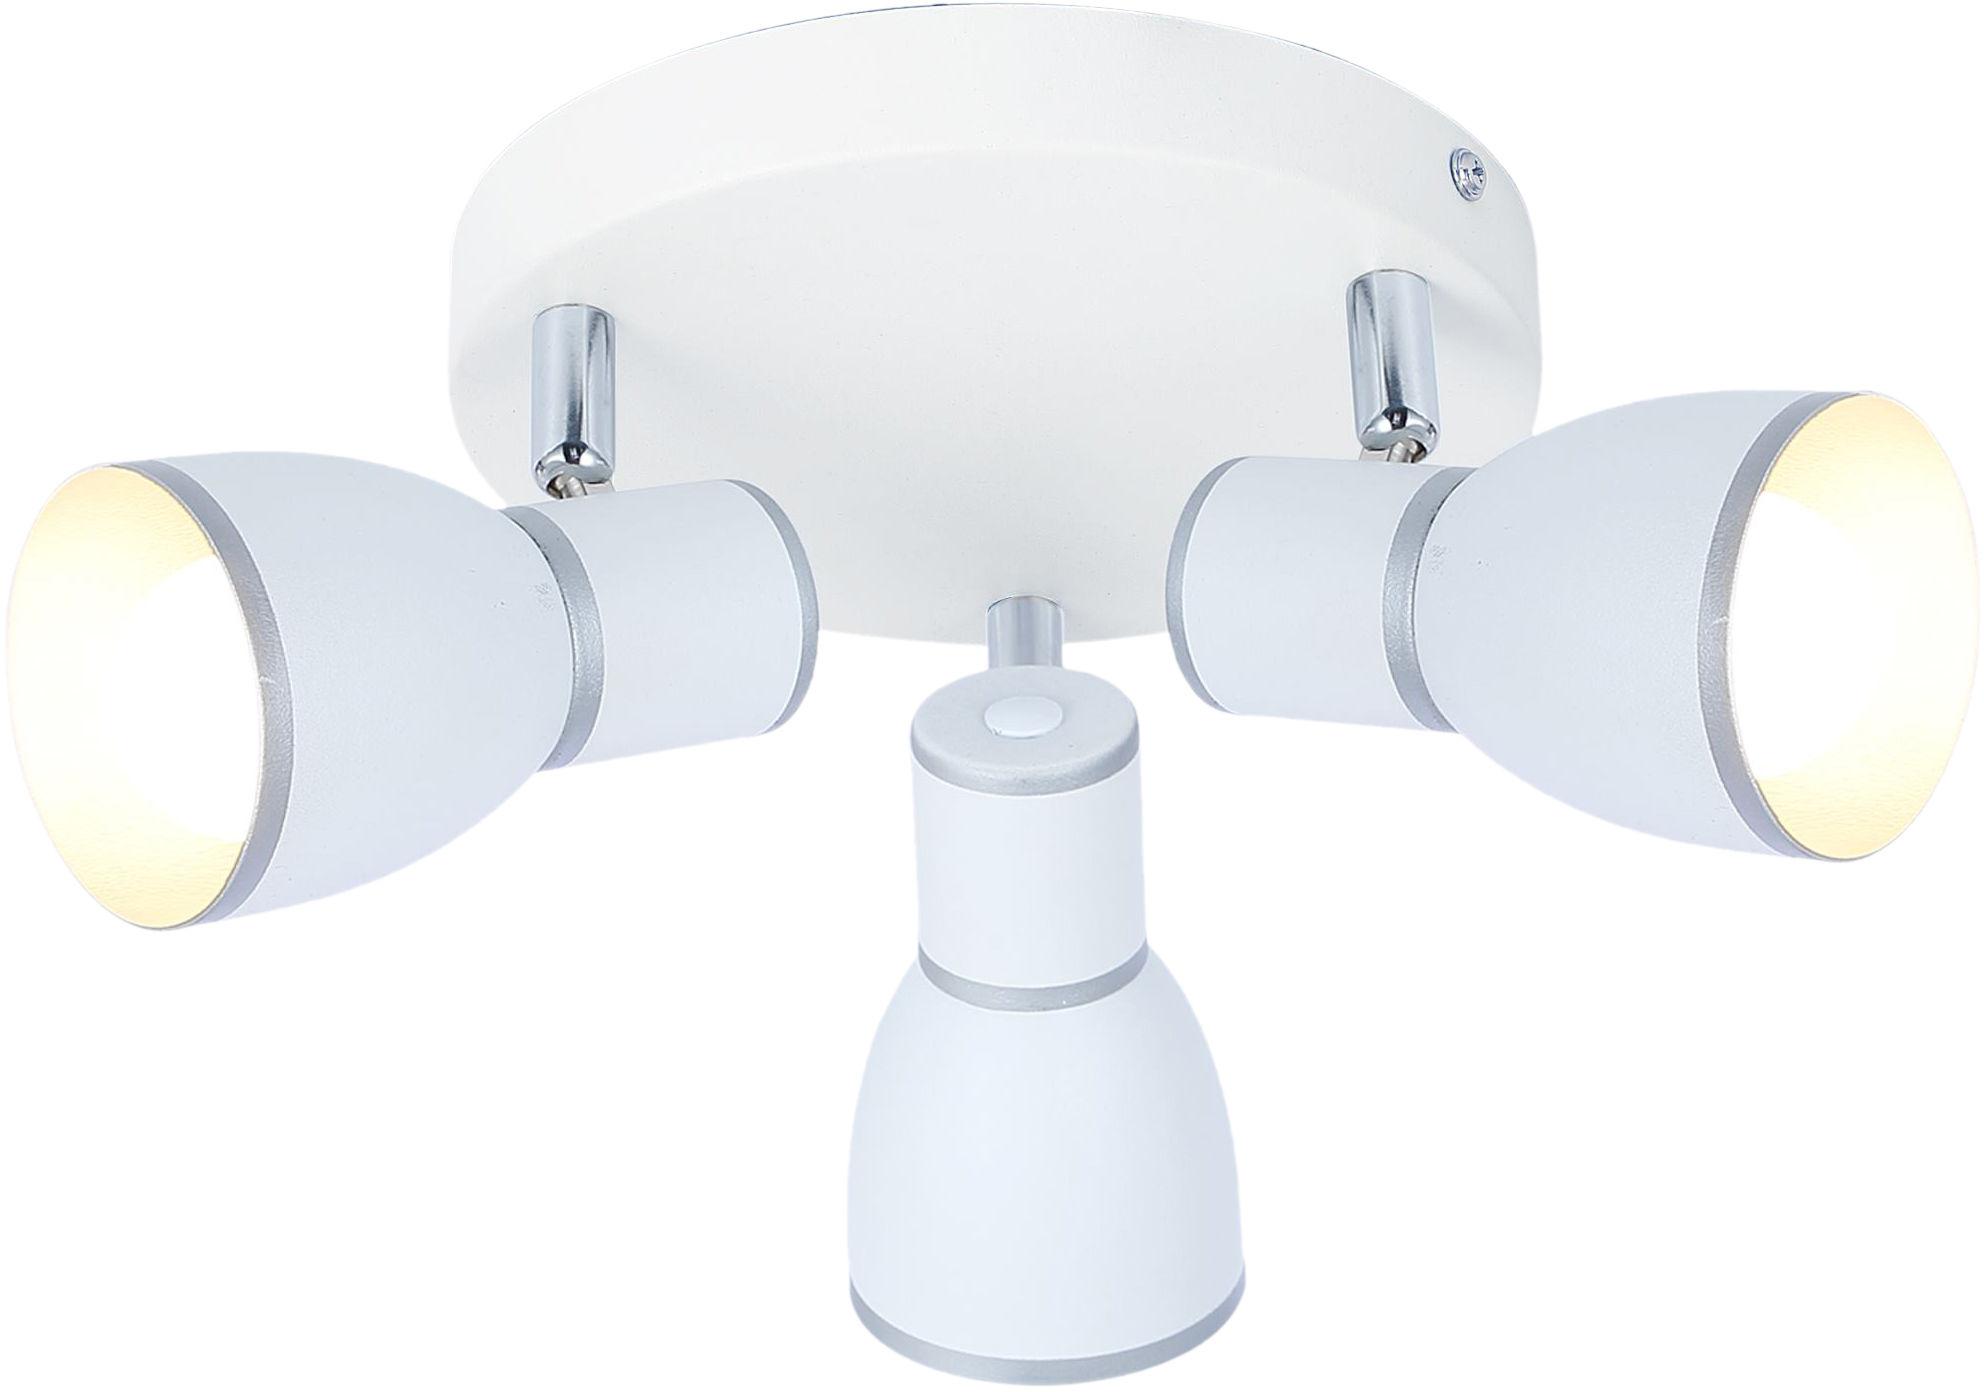 Candellux FIDO 98-63397 plafon lampa sufitowa biała metalowy klosz biały+chrom 3X40W E14 34cm